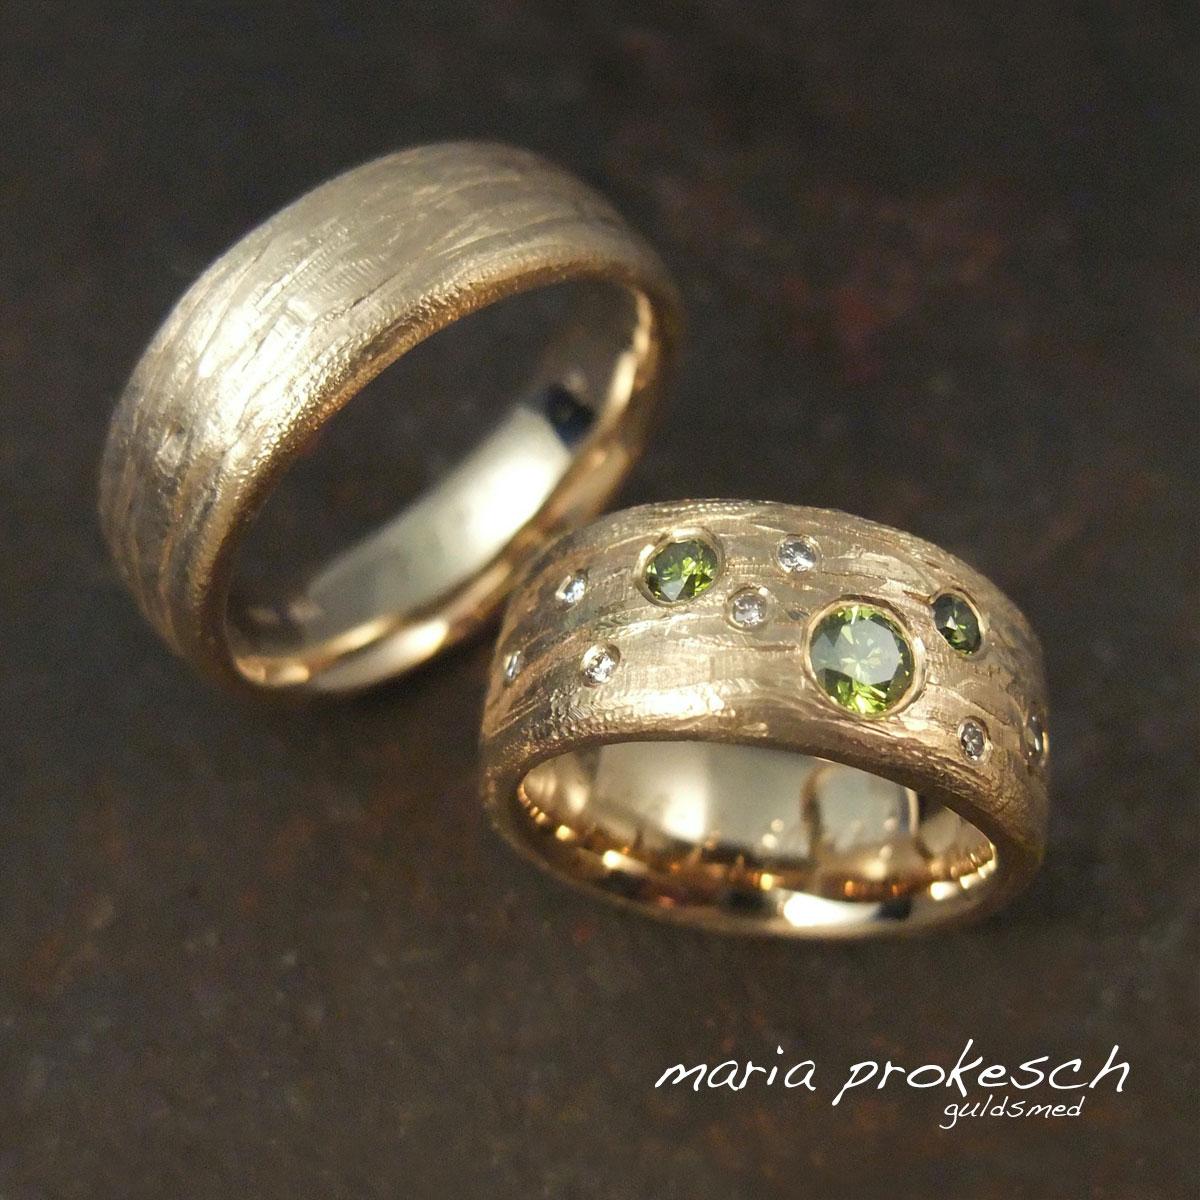 Rustikke vielsesringe i 14 kt guld med naturlig barkoverflade. På hendes ring både hvide og behandlede grønne brillanter som stjernedrys.